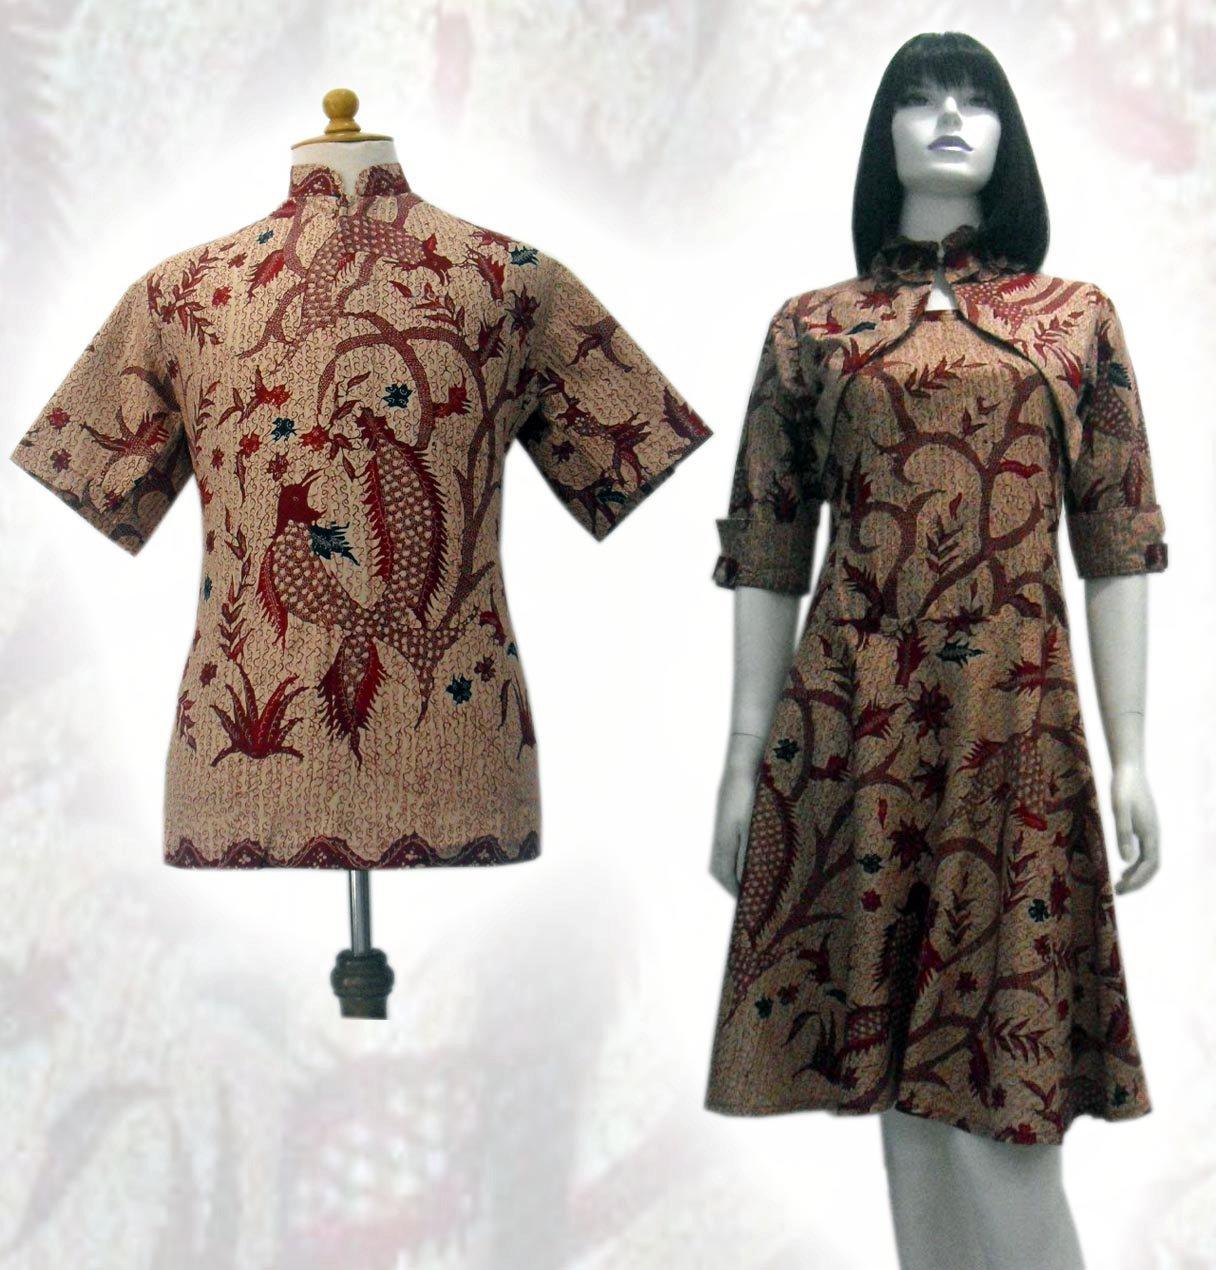 10 Model Baju Batik Sarimbit Modern Terbaru 2018: Model Baju Batik Modern Wanita